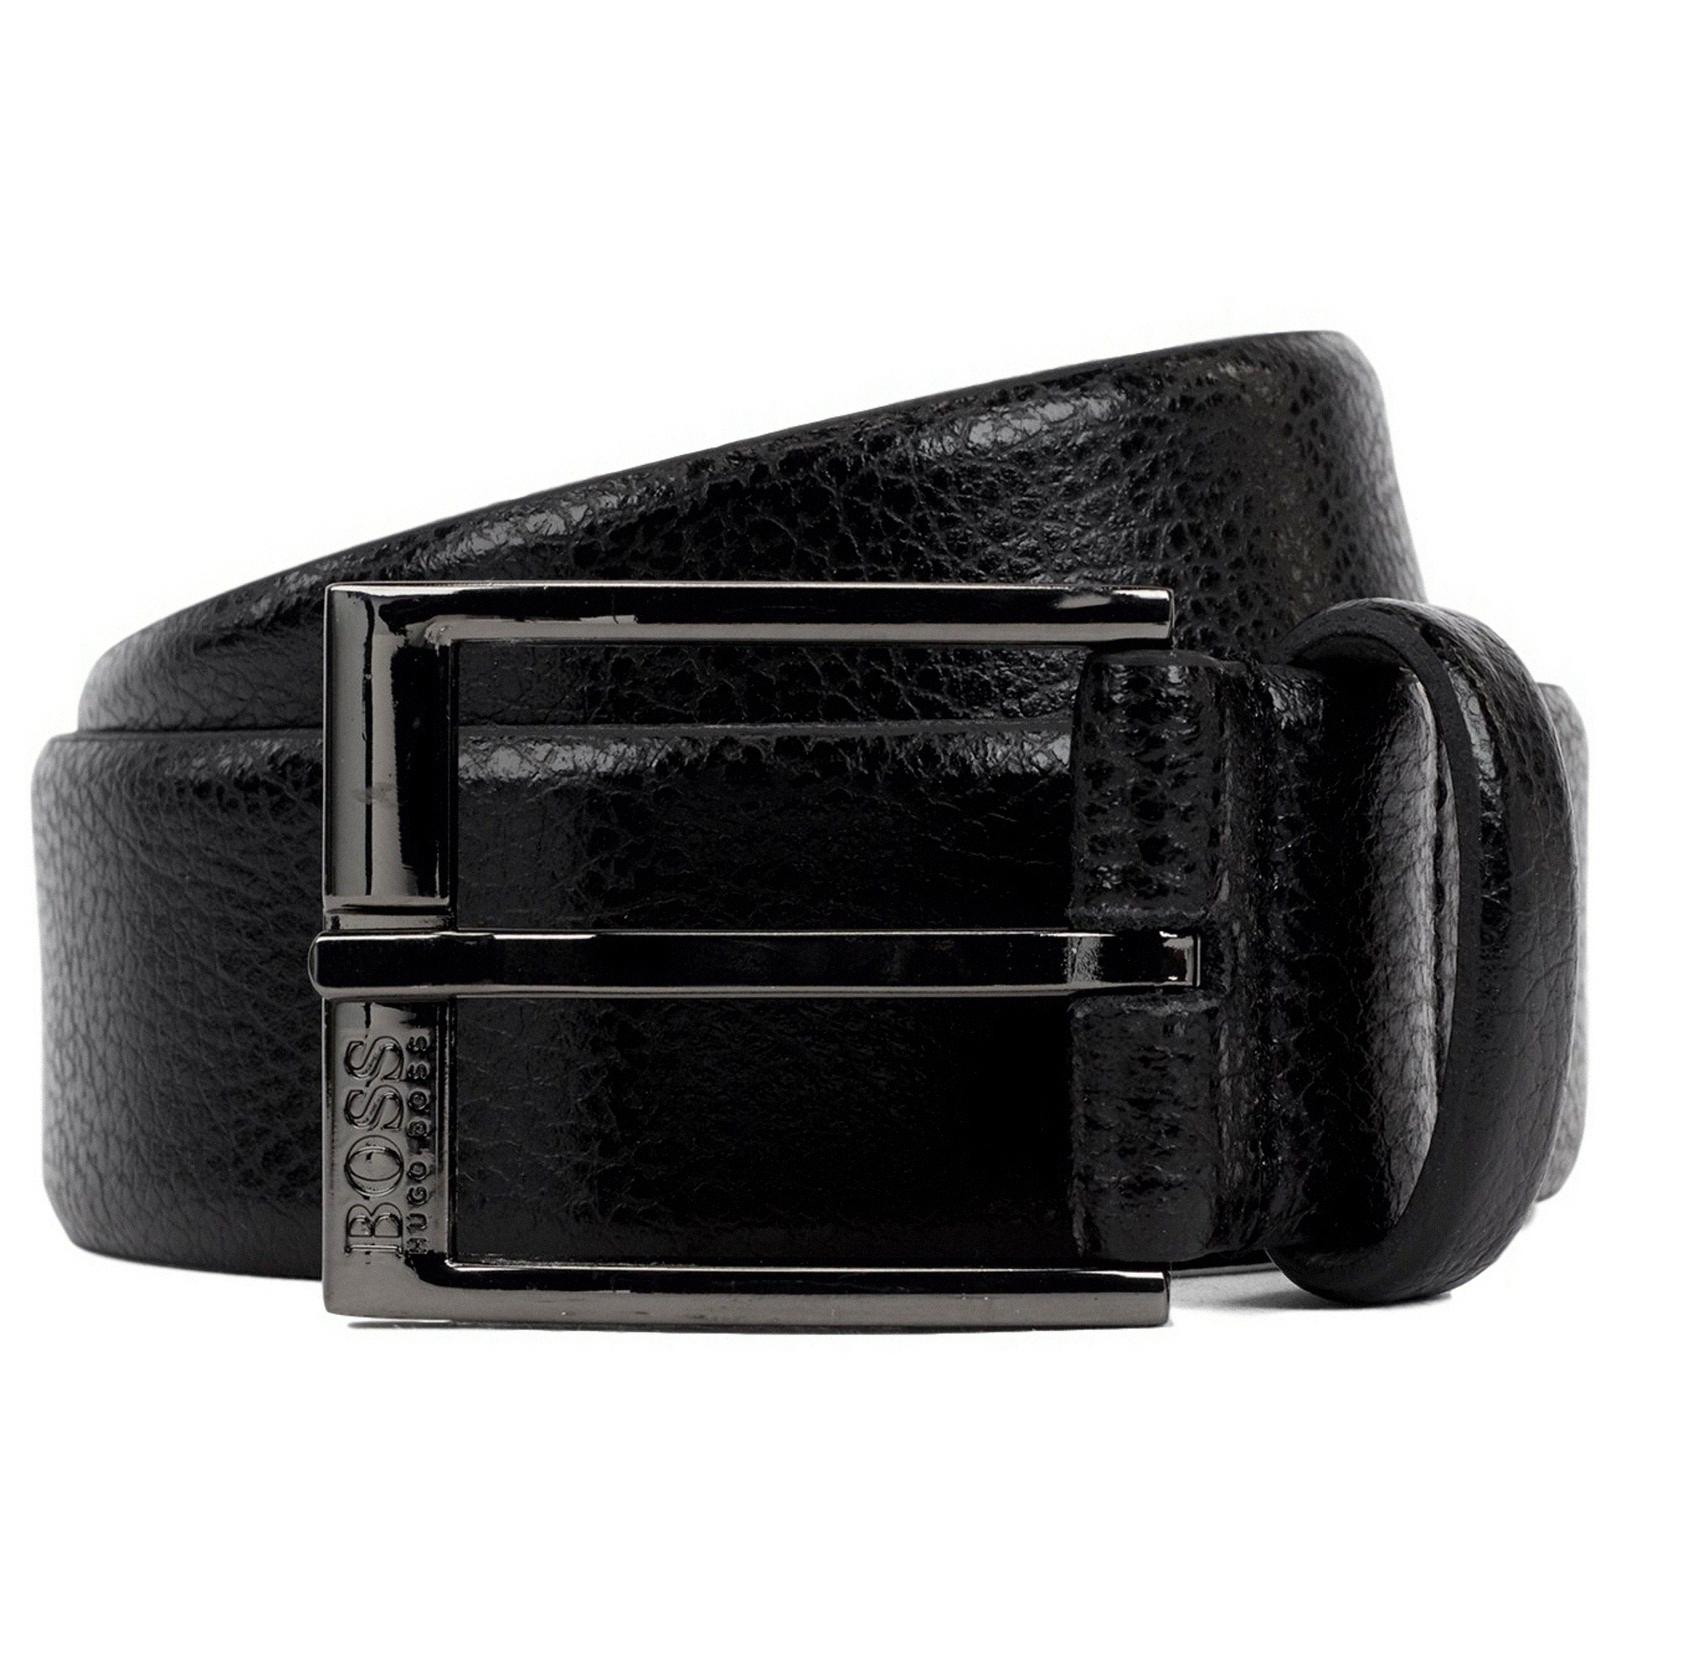 Hugo Boss  Gürtel  Belt Elloy/_Sz 10207216 schwarz